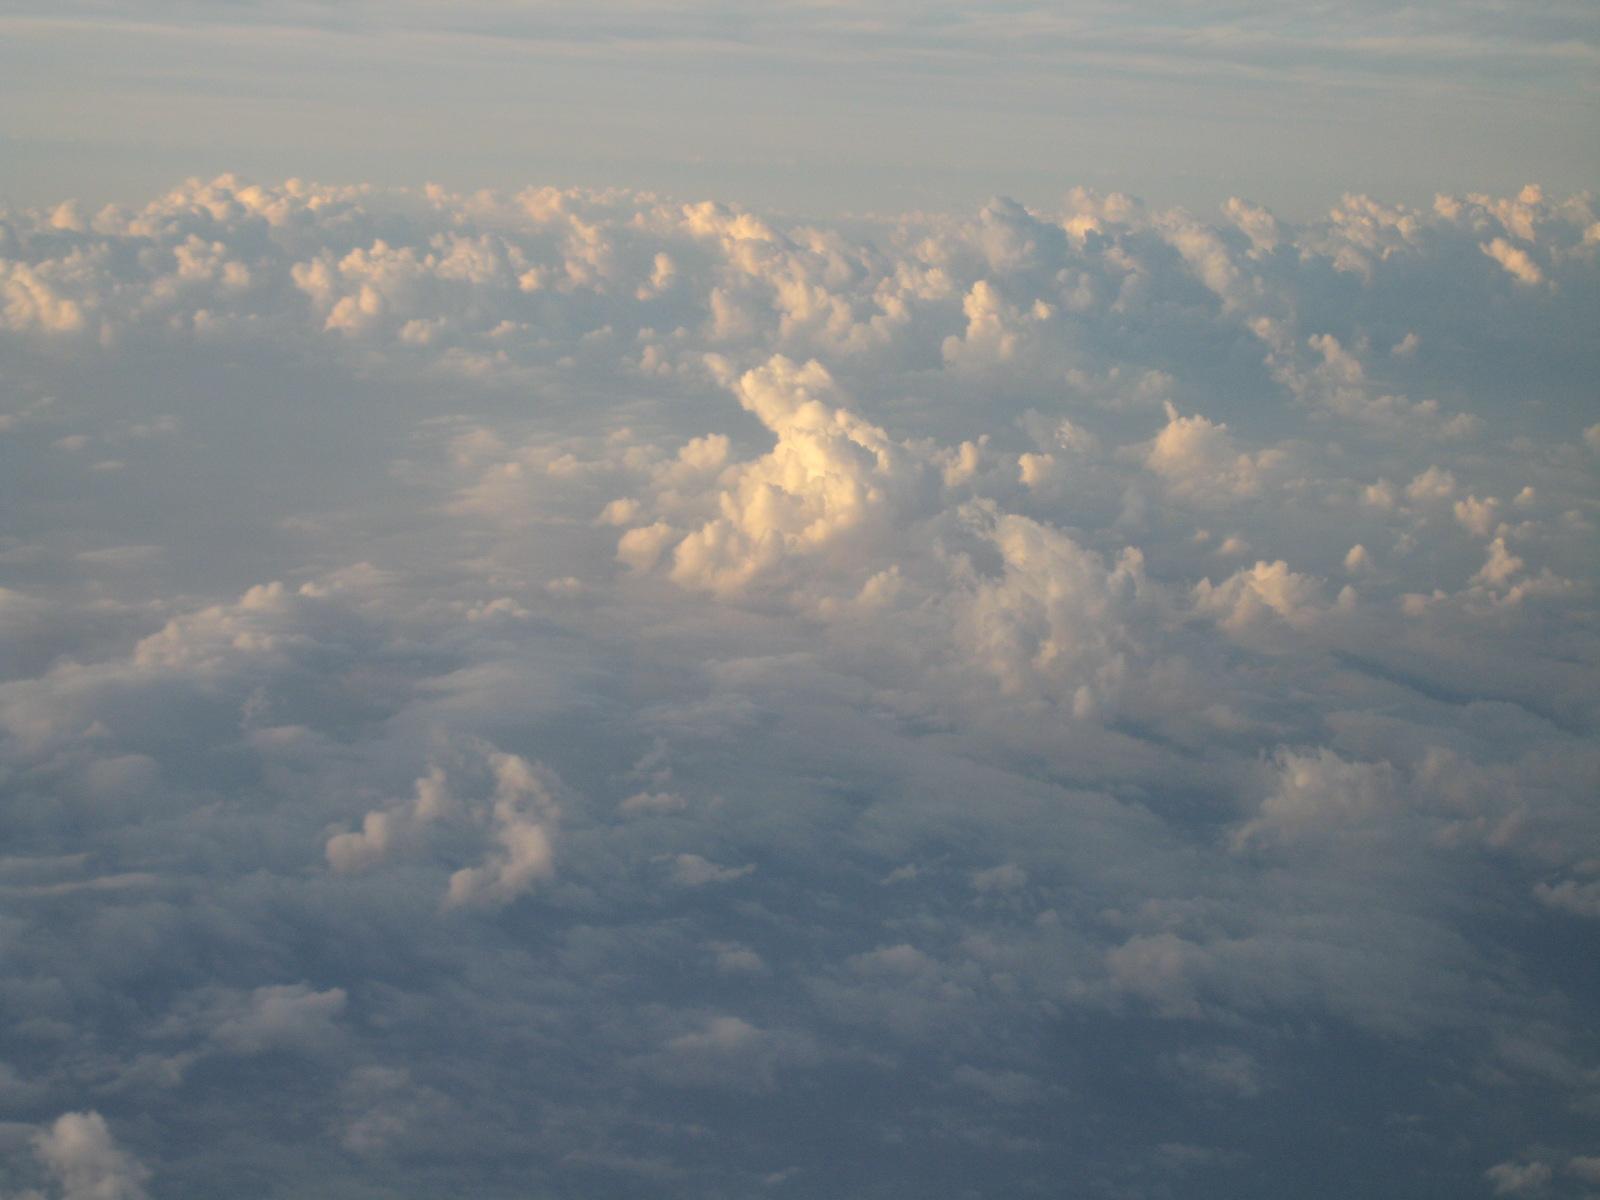 2010-01-21 15.12.25.jpg